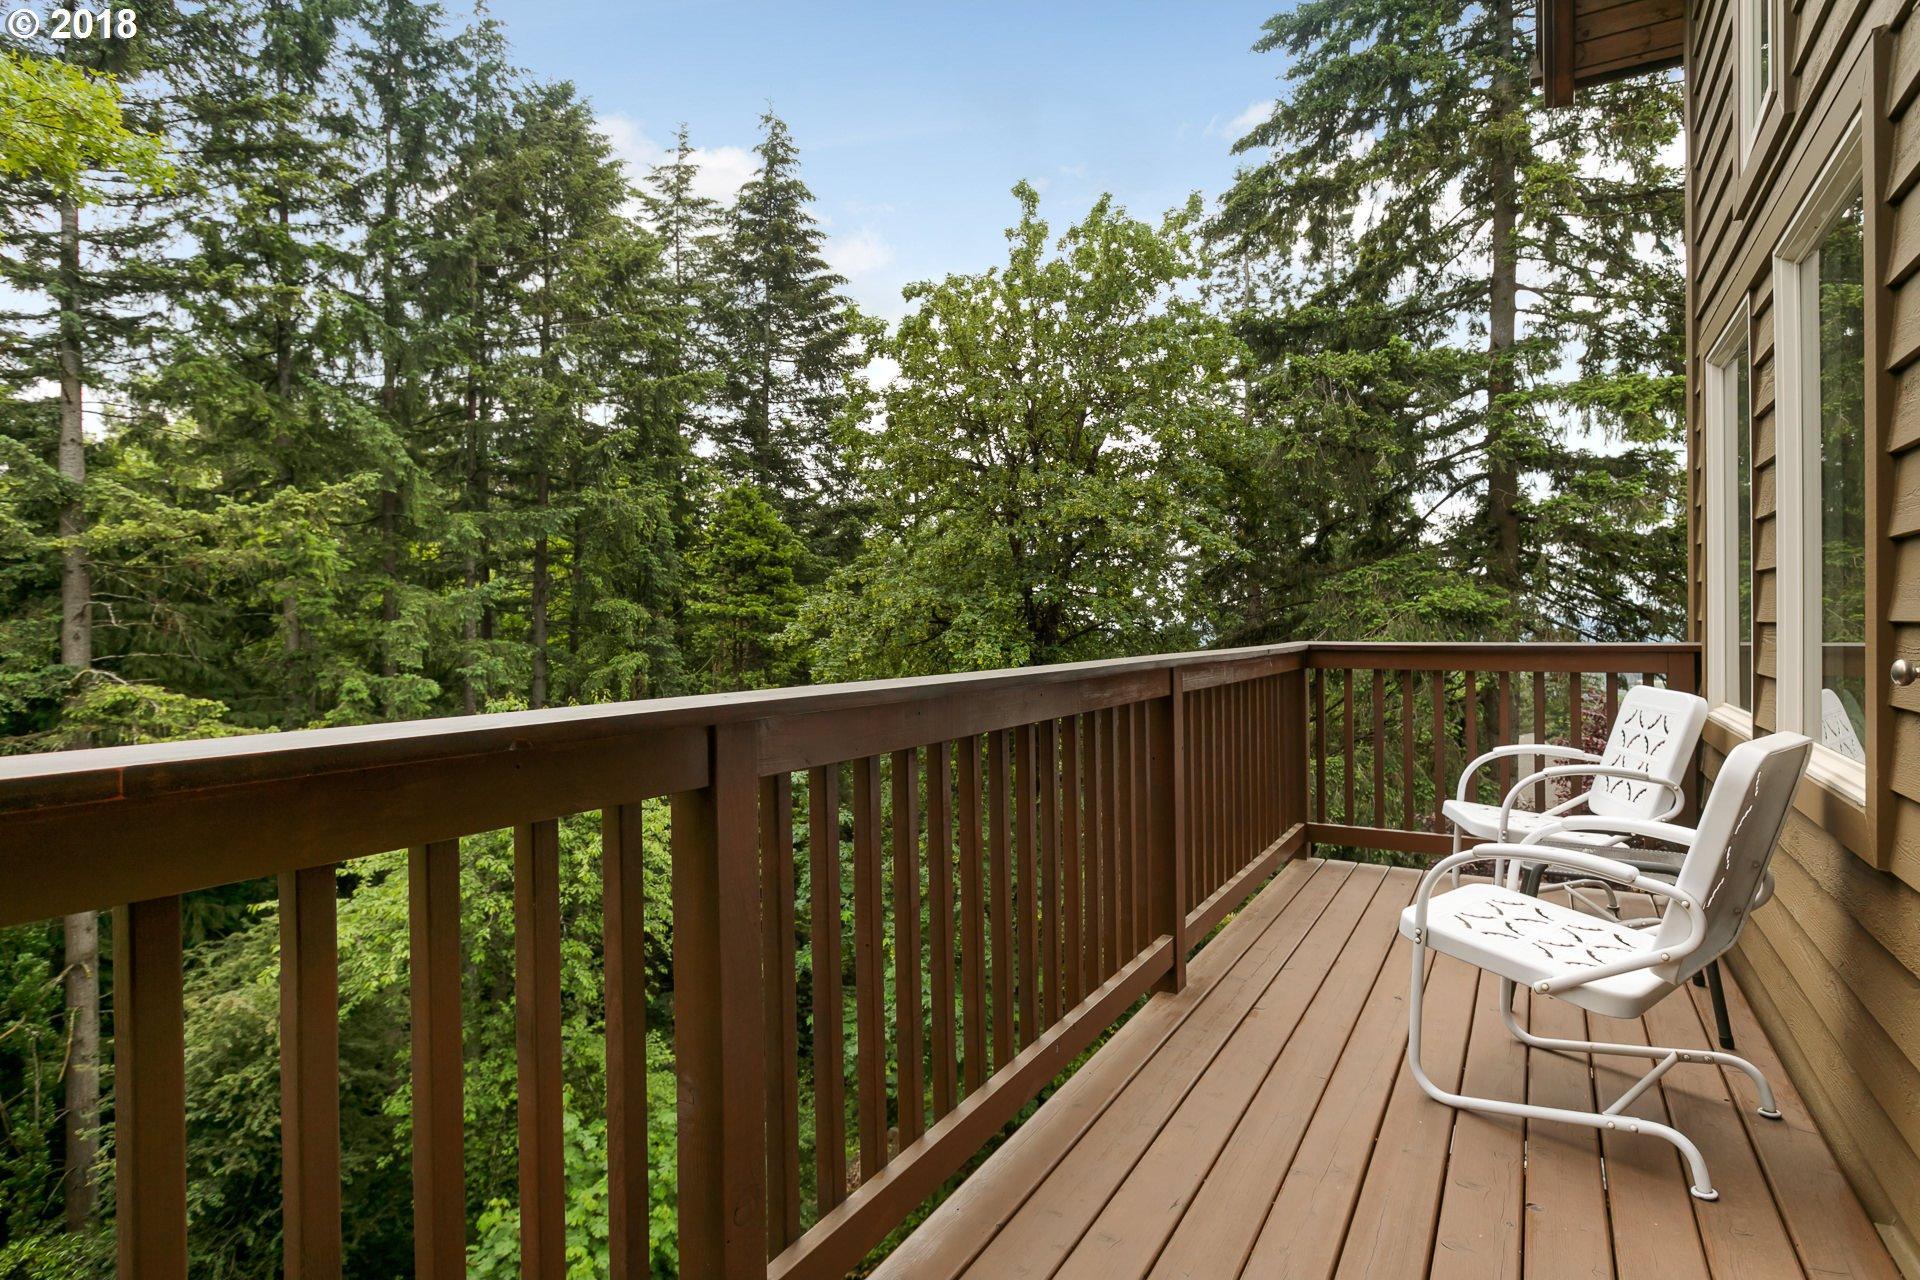 Mls#18425149 $998,500 Wwwportlandrealestateteam 3608 Sw Hillside Dr, Portland, Or 97221